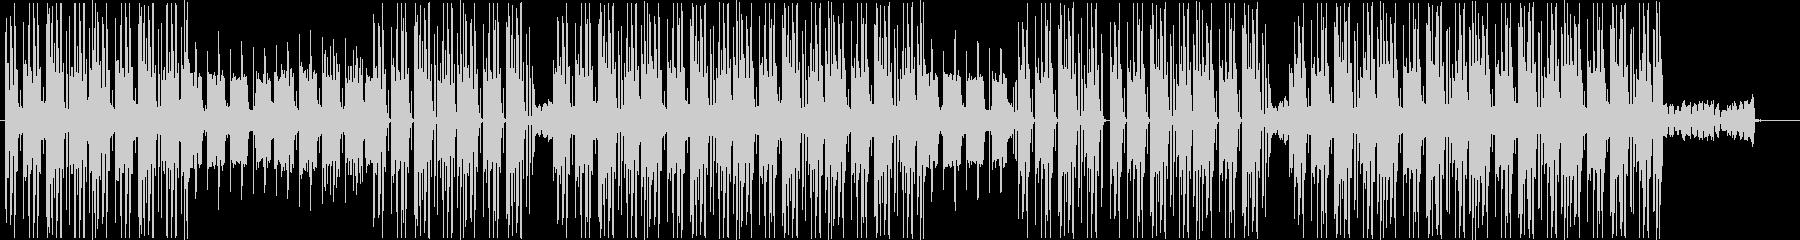 洋楽、トラップソウル、R&Bビート♫の未再生の波形